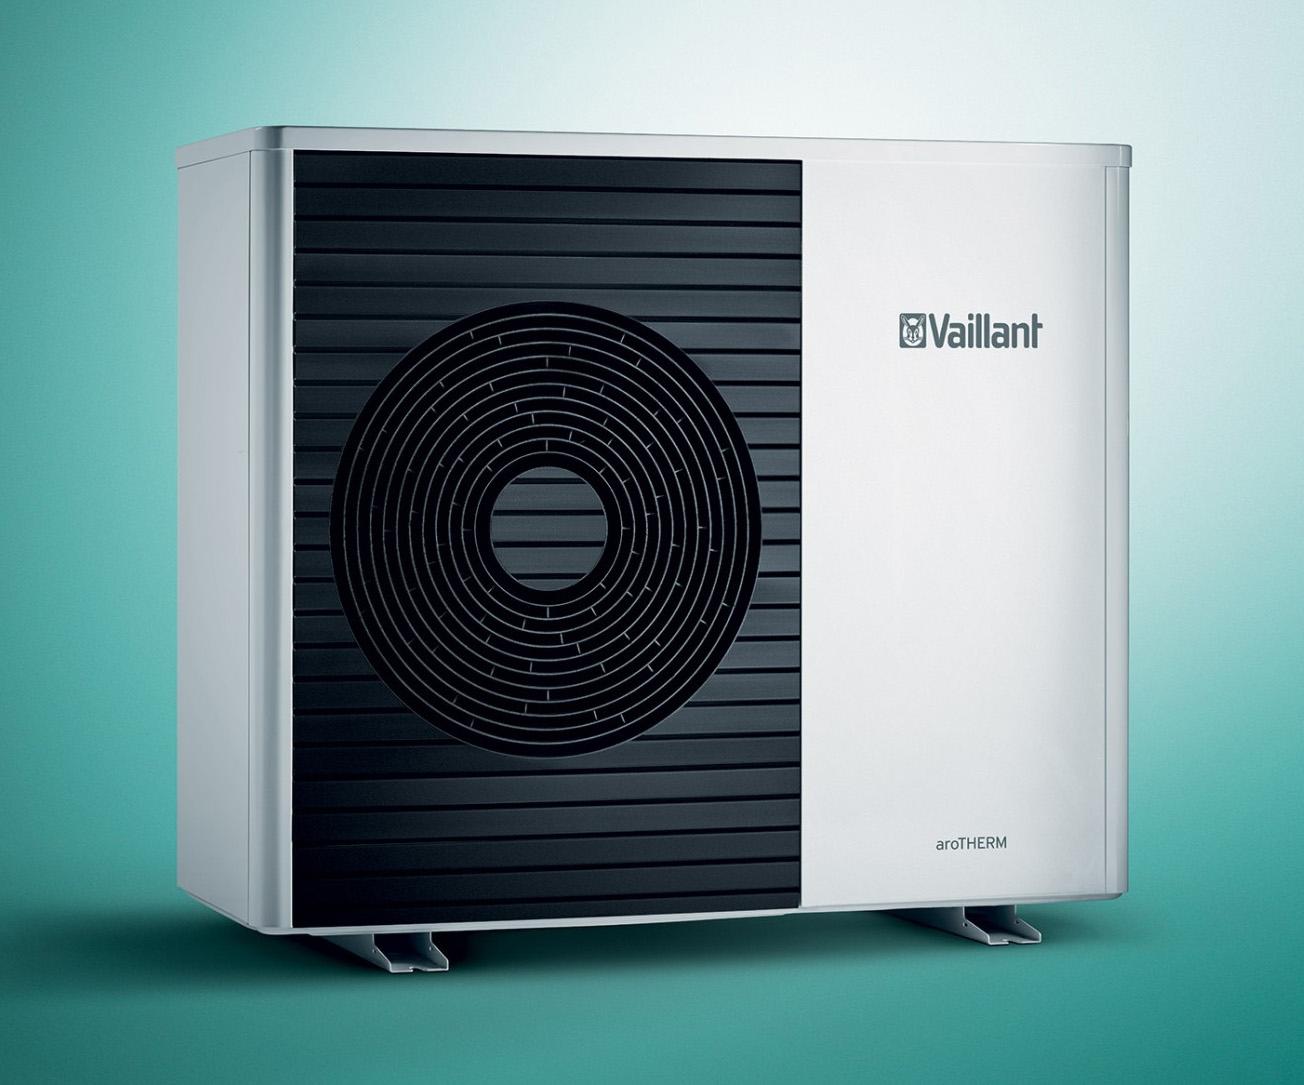 Tepelné čerpadlo vzduch/voda Vaillant aroTHERM Split + multiMATIC 700